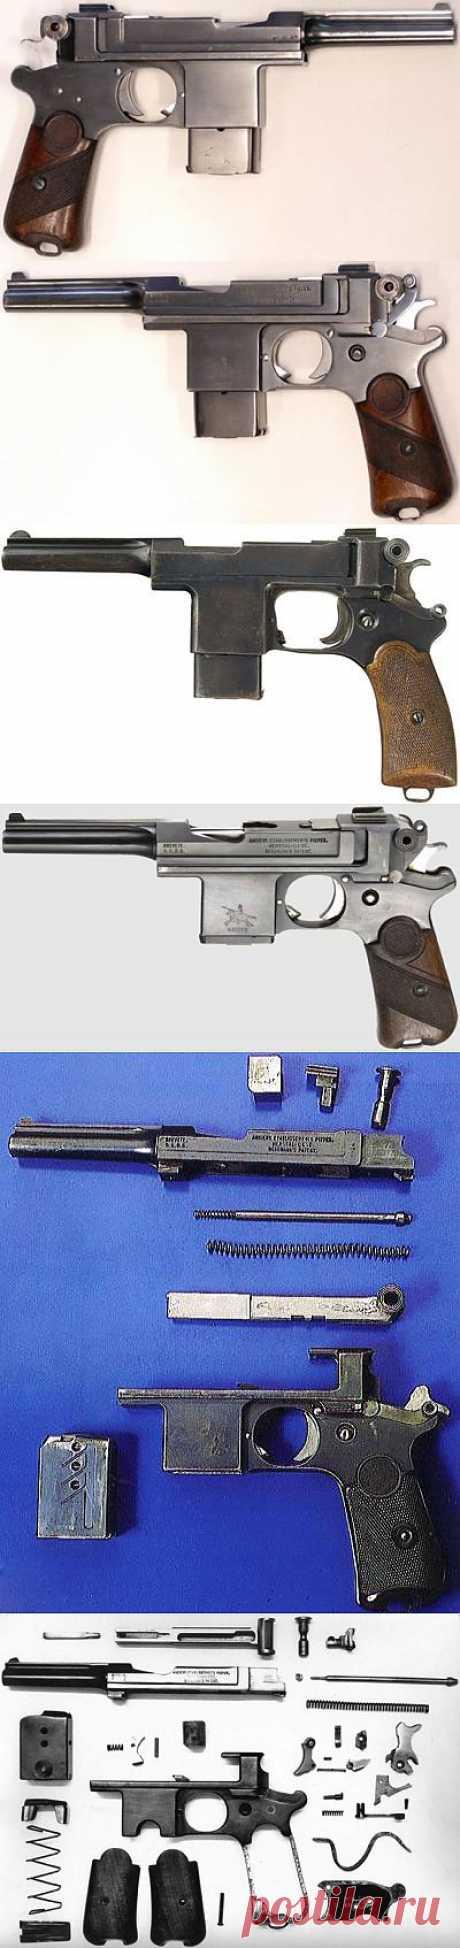 (+1) тема - Пистолет Bergmann Bayard / M 1908 / M 1910 | Энциклопедия оружия